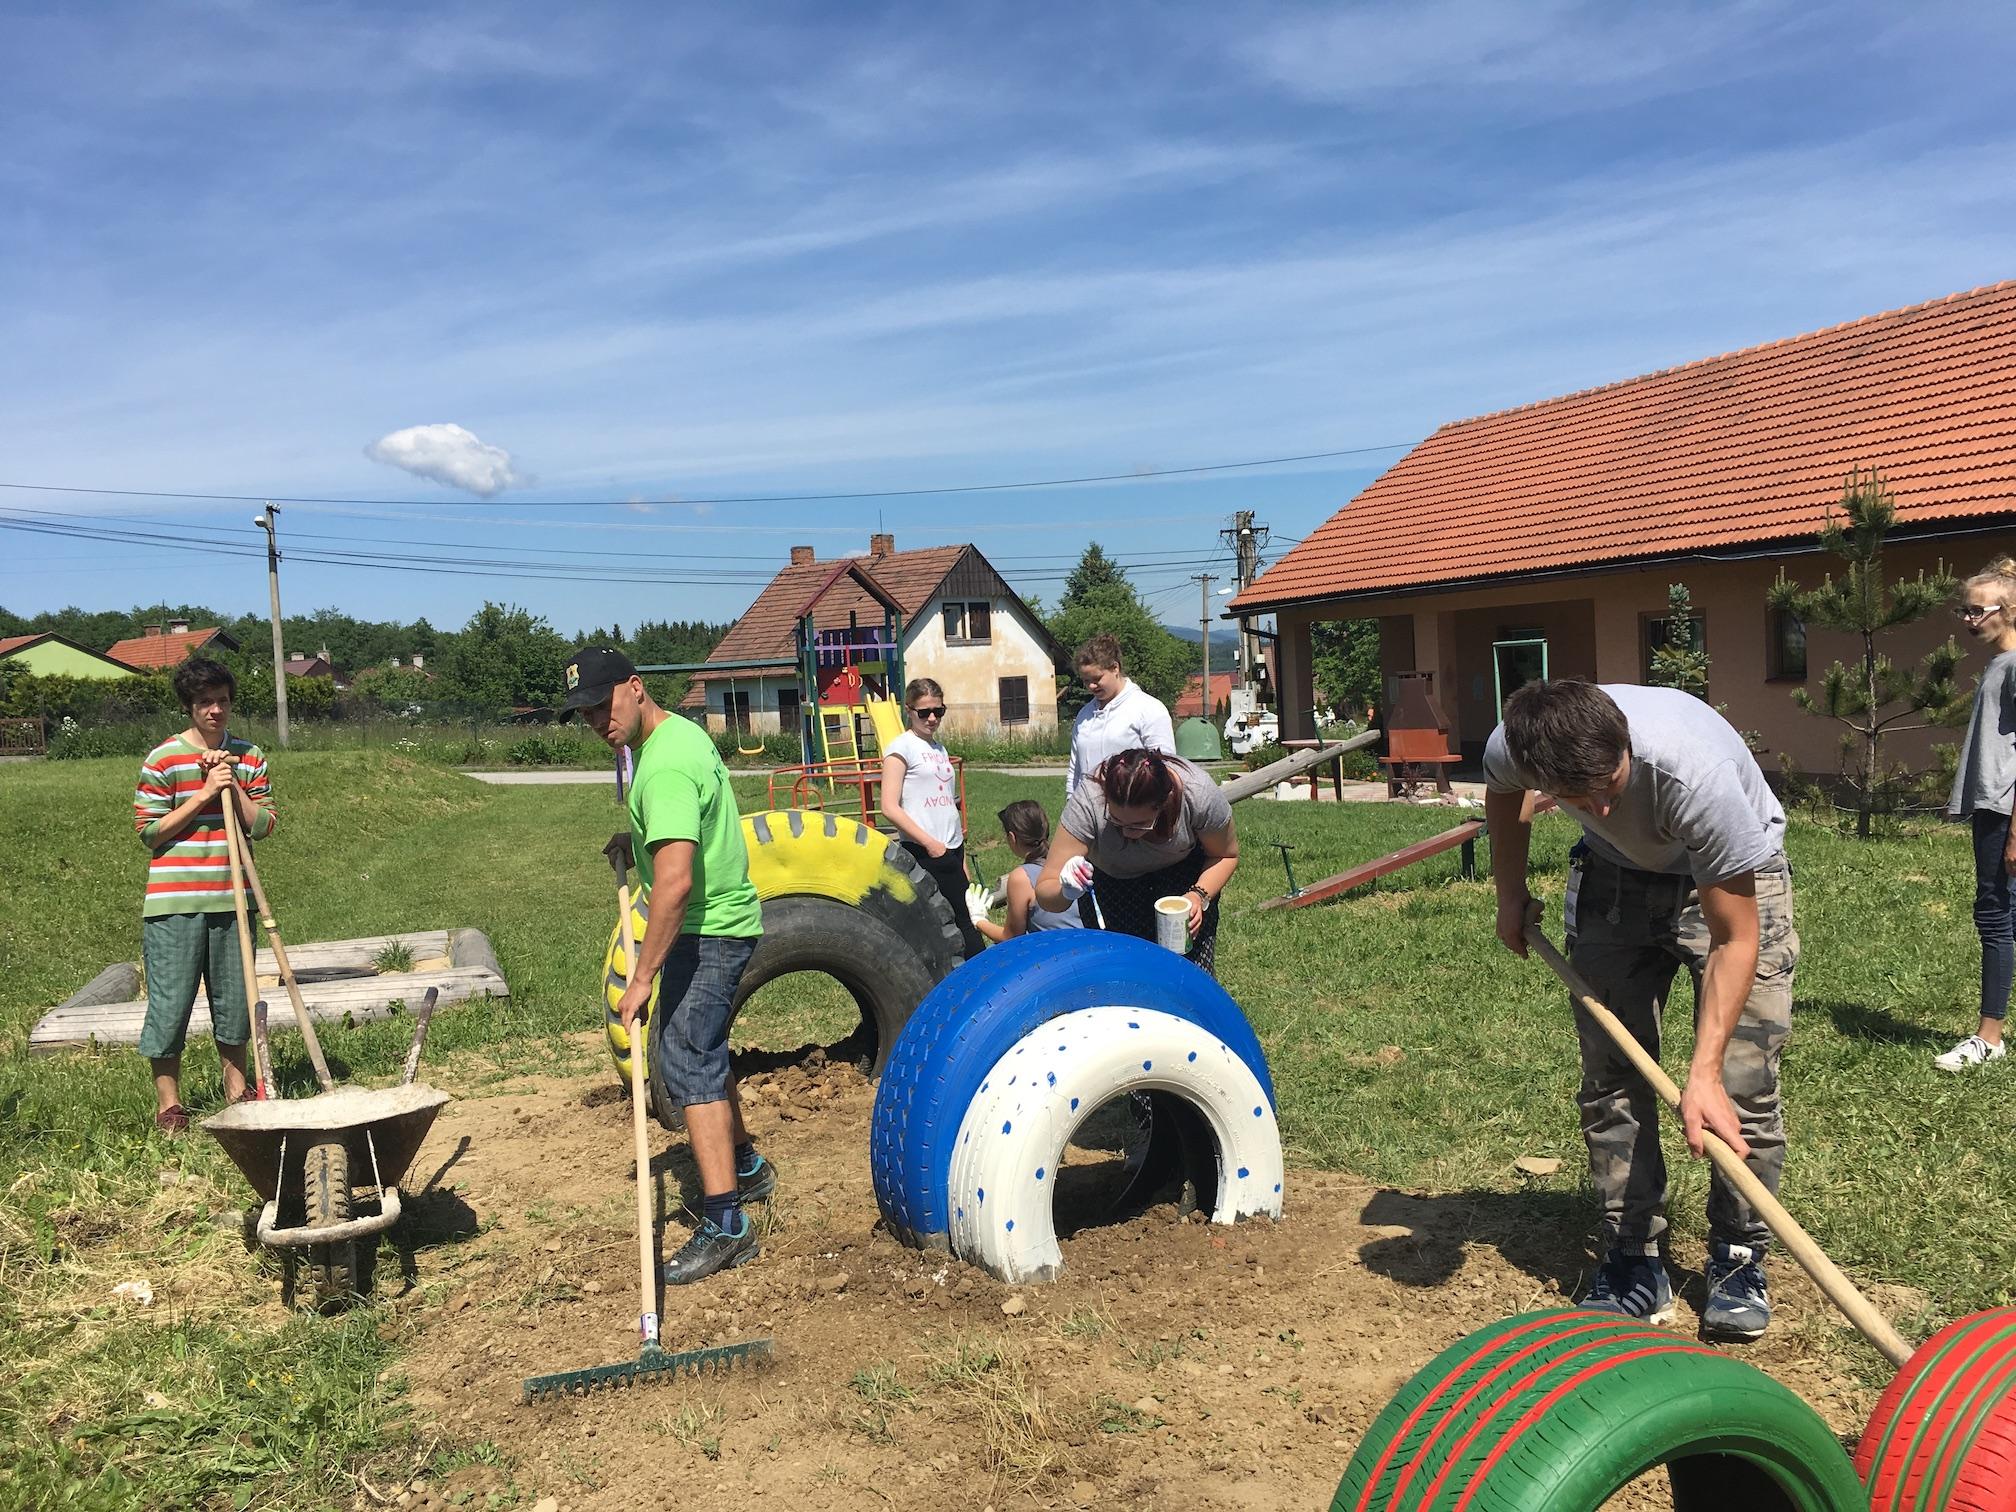 597ee0d2f Organizácie a dobrovoľníci z VÚB získavajú 50 000 eur pre svoje komunitné  projekty – ZV-podujatia – Sme online 24 hodín denne